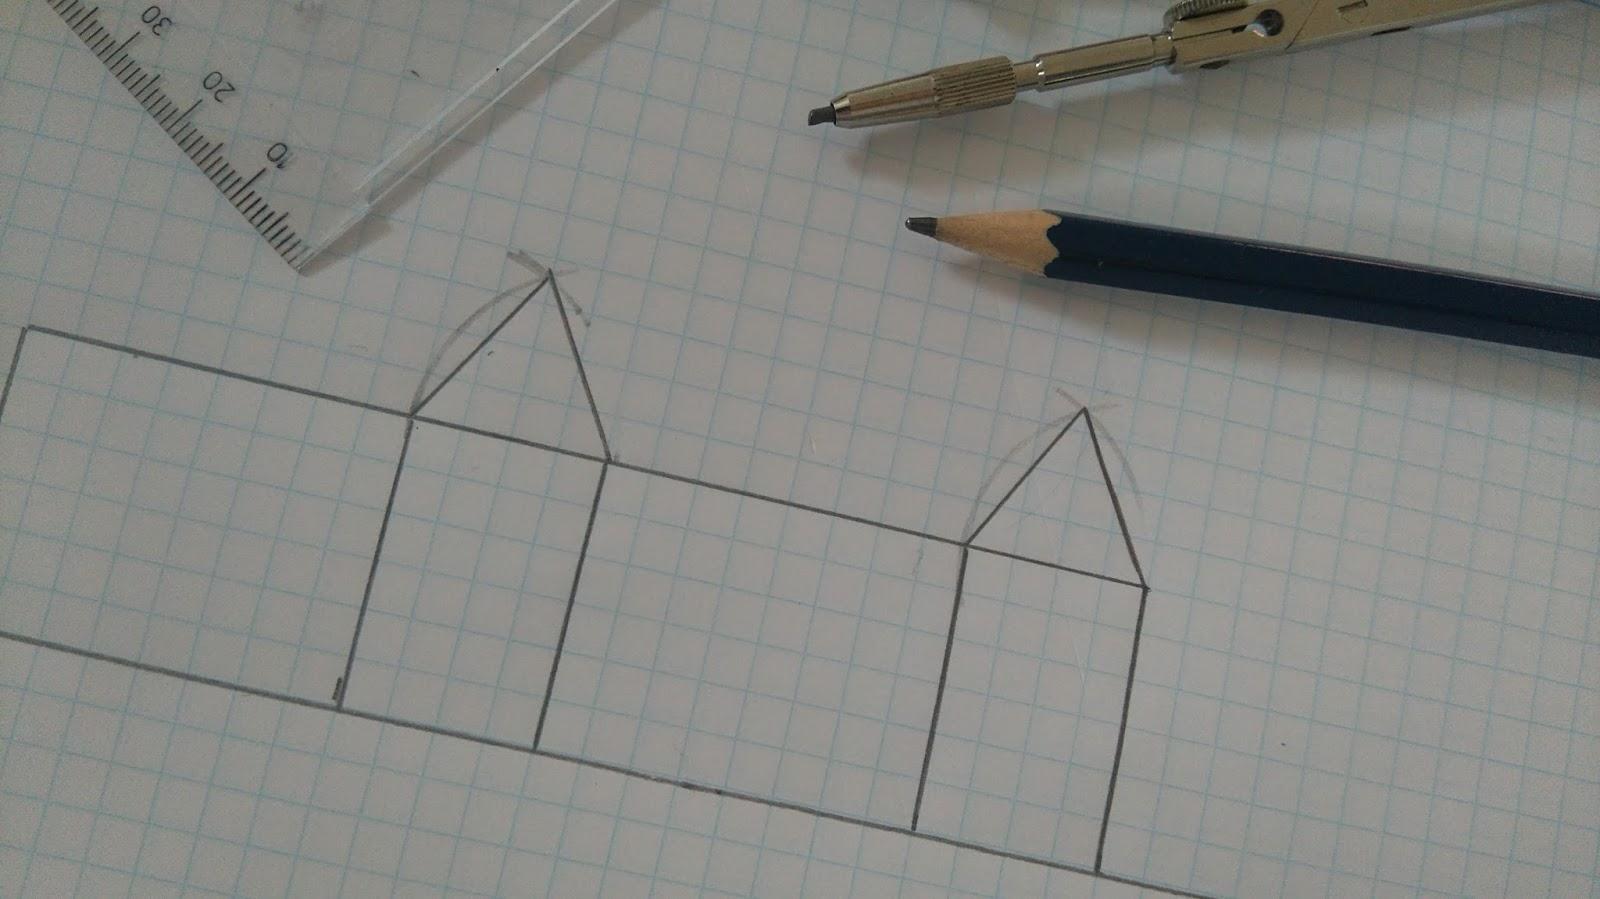 højden af en ligesidet trekant